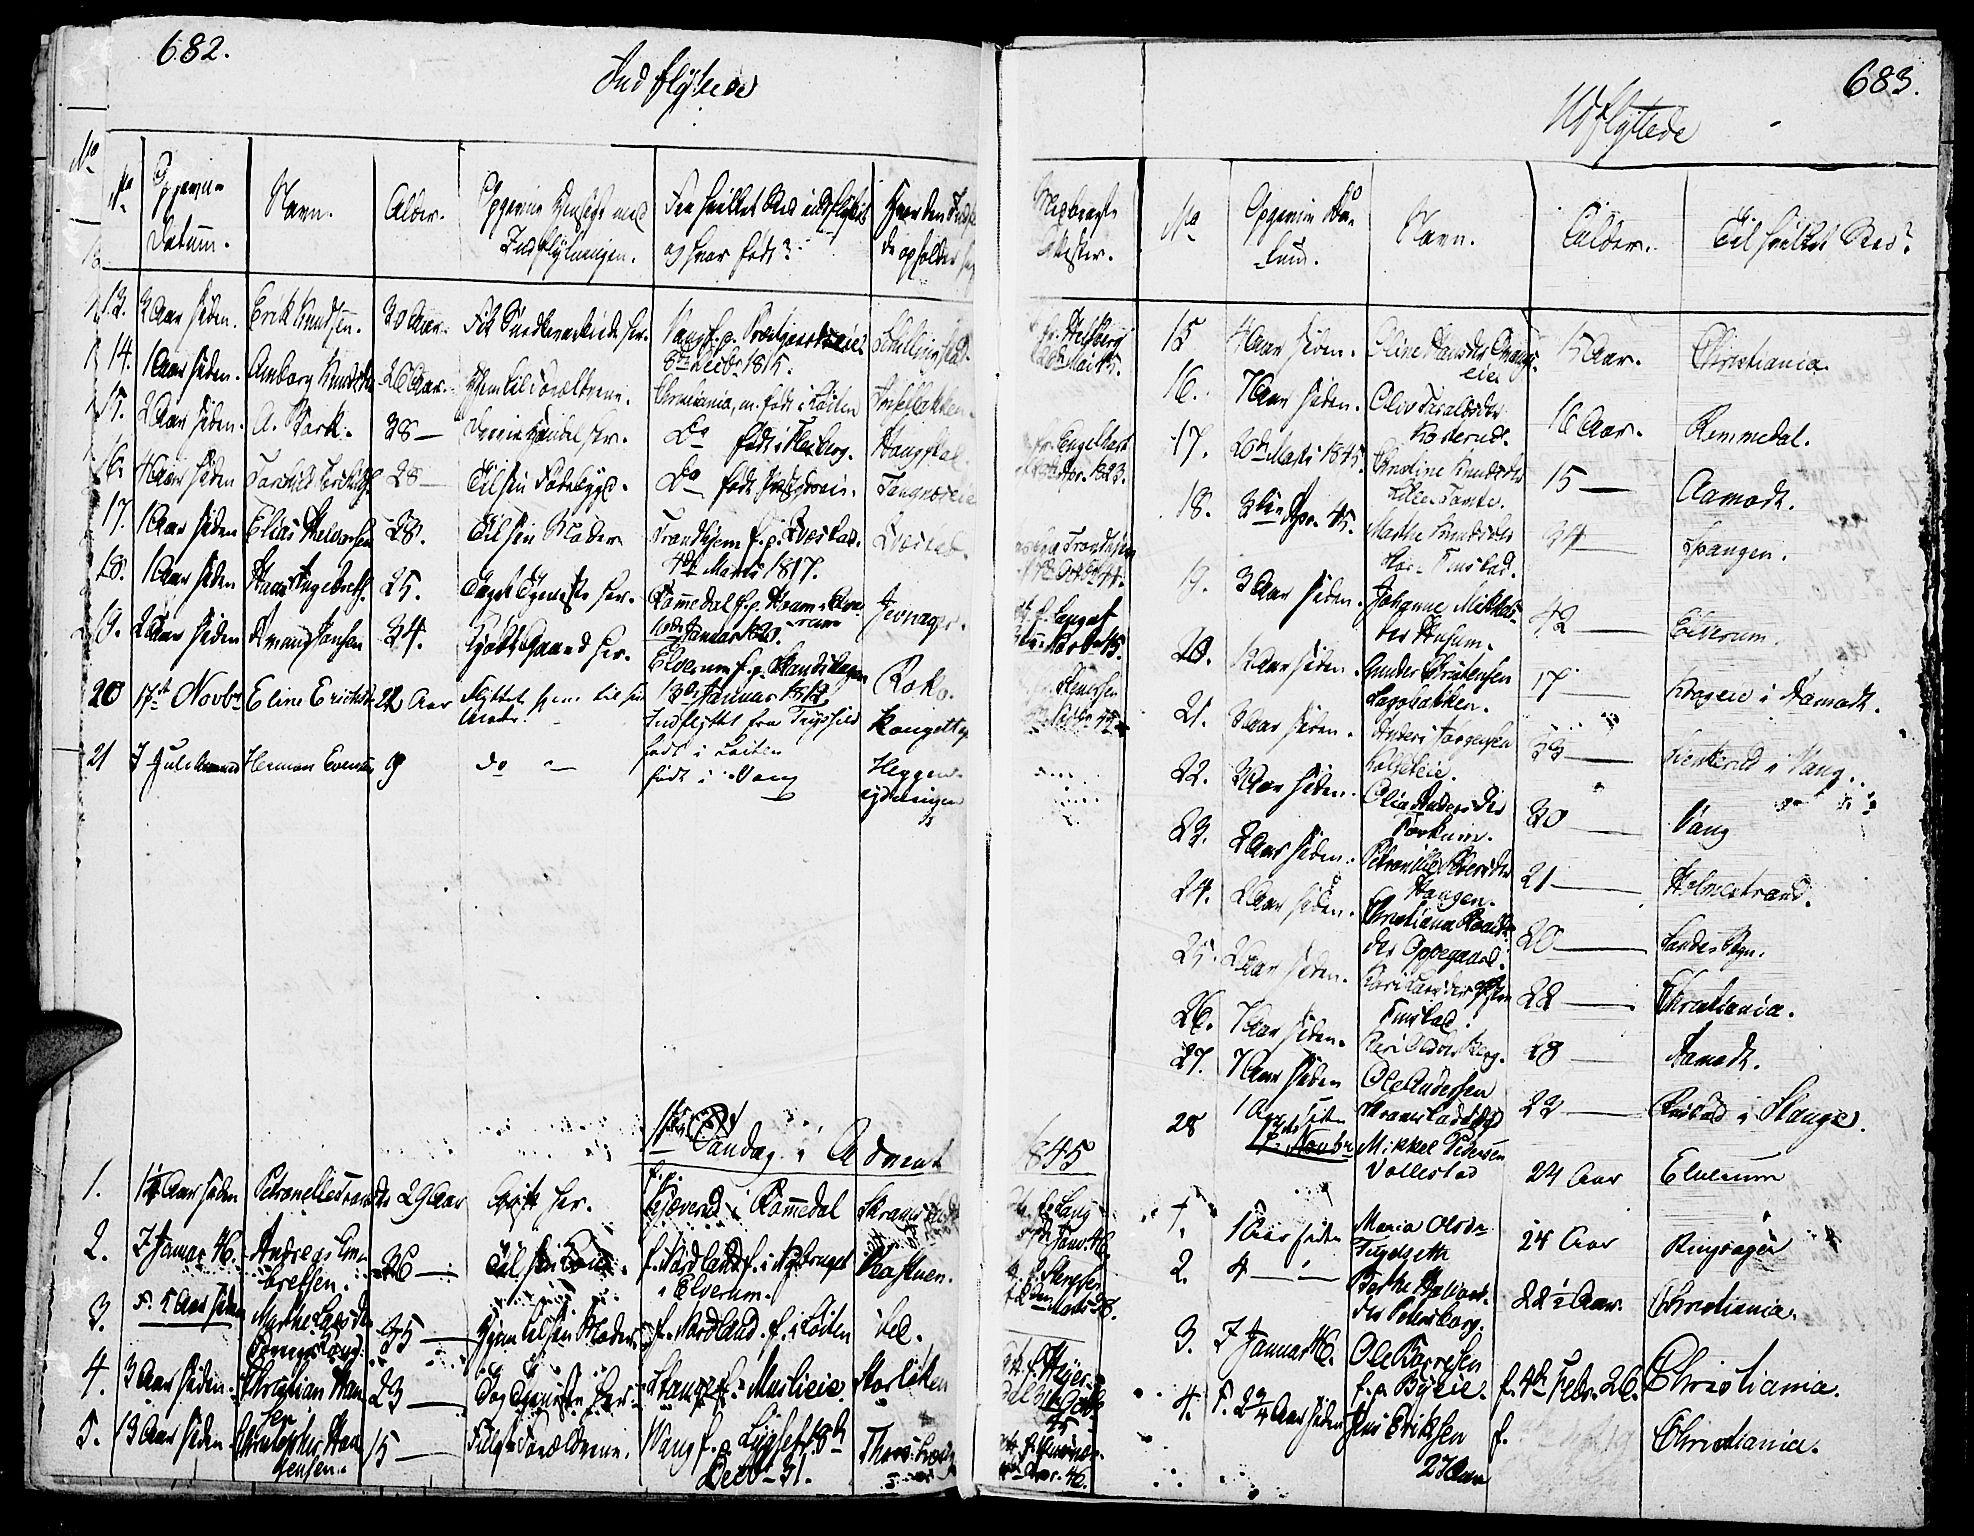 SAH, Løten prestekontor, K/Ka/L0006: Parish register (official) no. 6, 1832-1849, p. 682-683